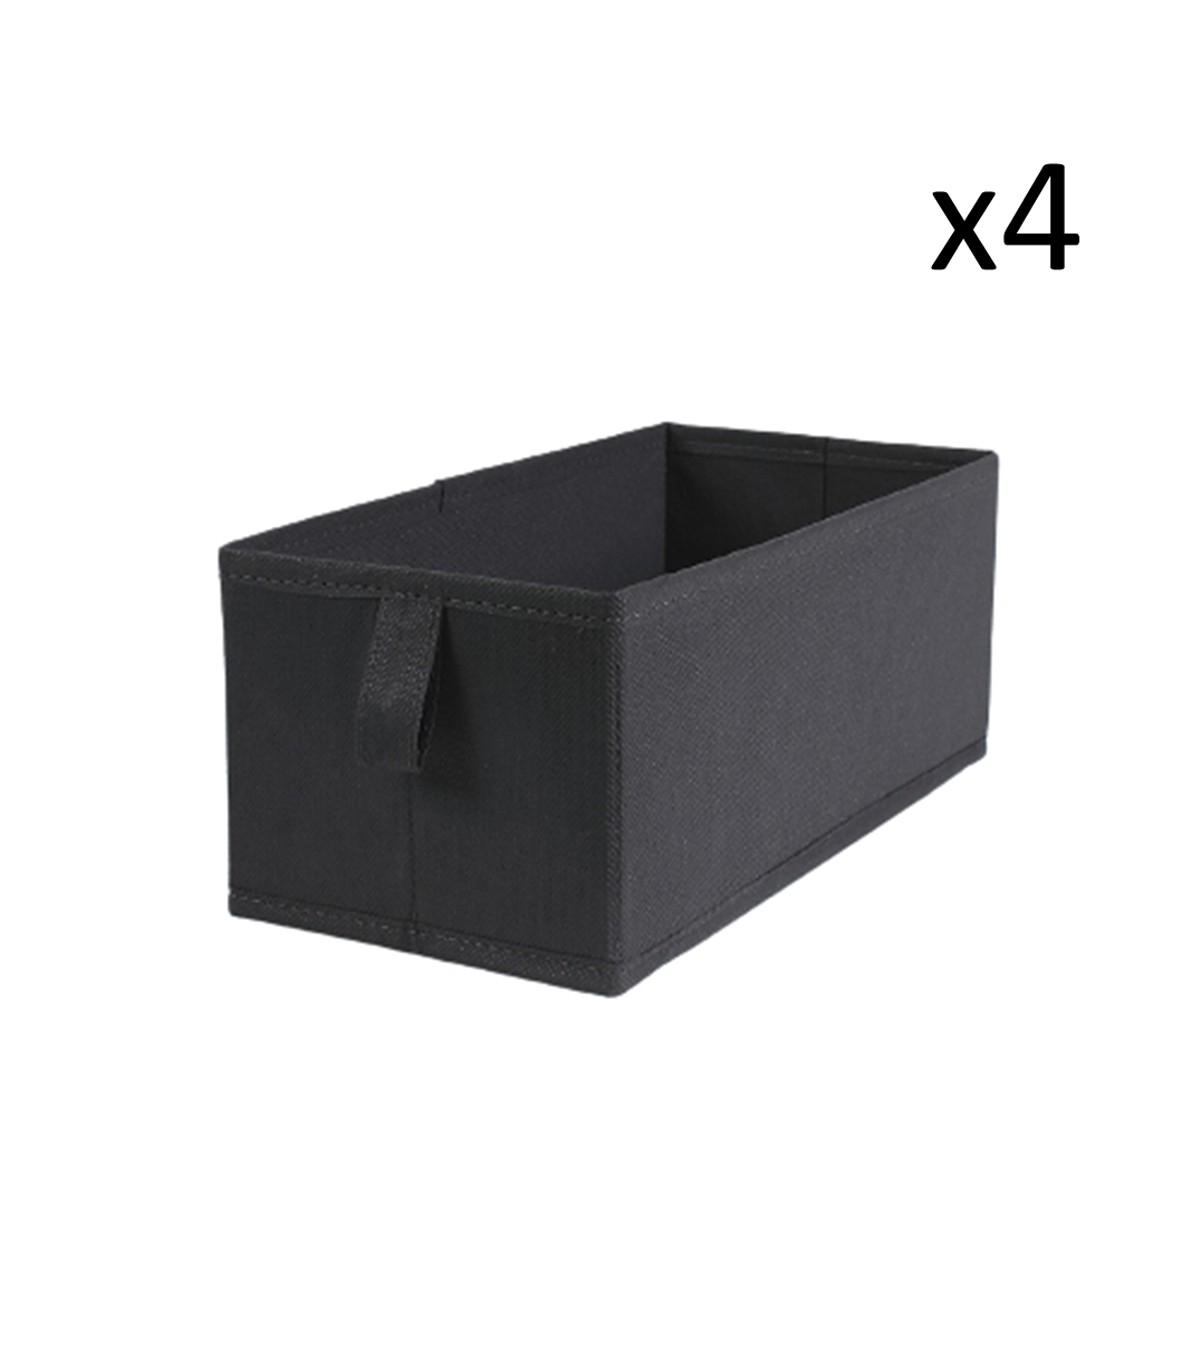 Lot de 4 tiroirs pliables intissés 28x14x11cm - Gris